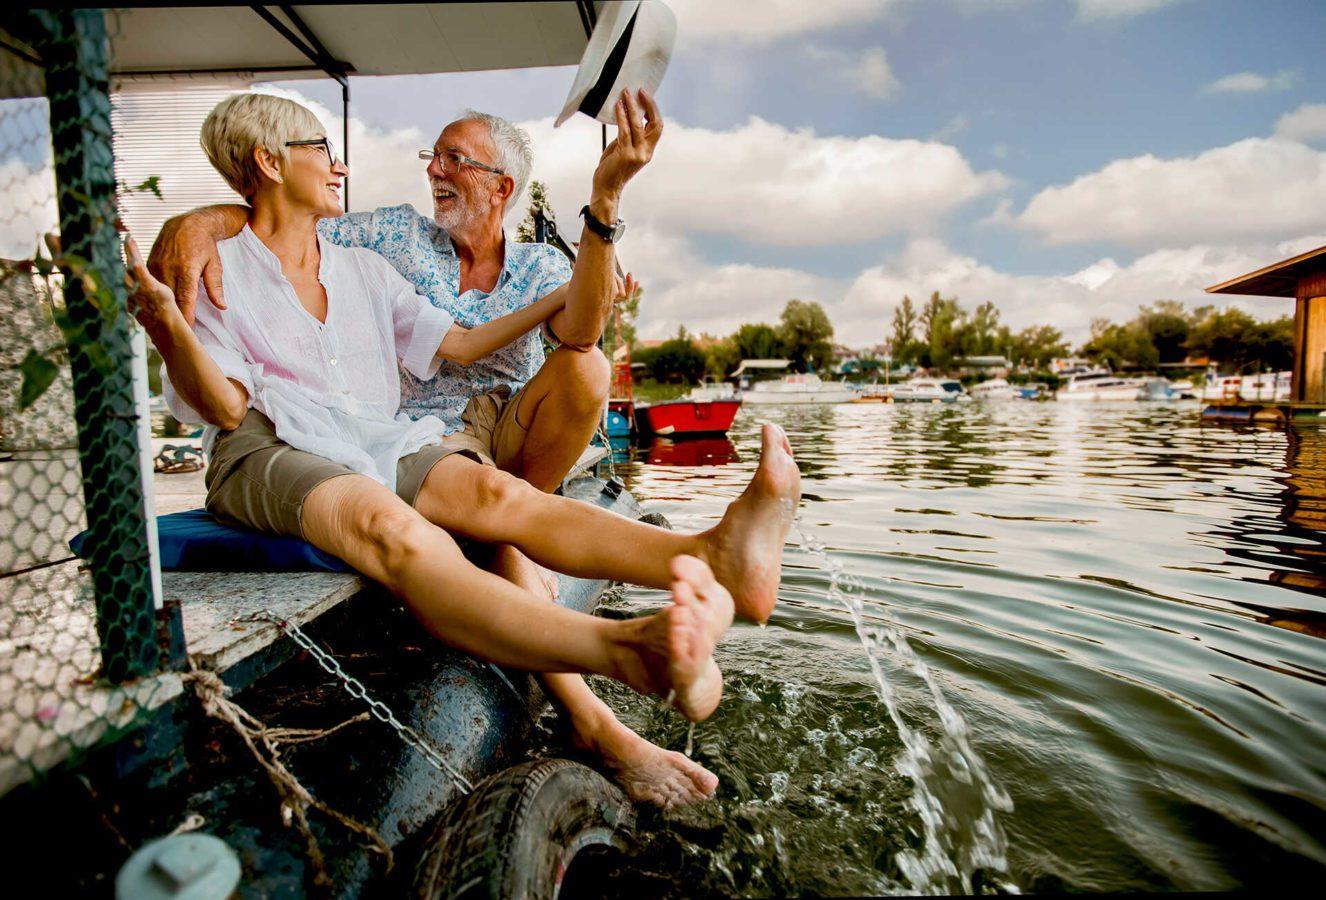 пожилые мужчина и женщина обнимаются и смеются на яхте на воде